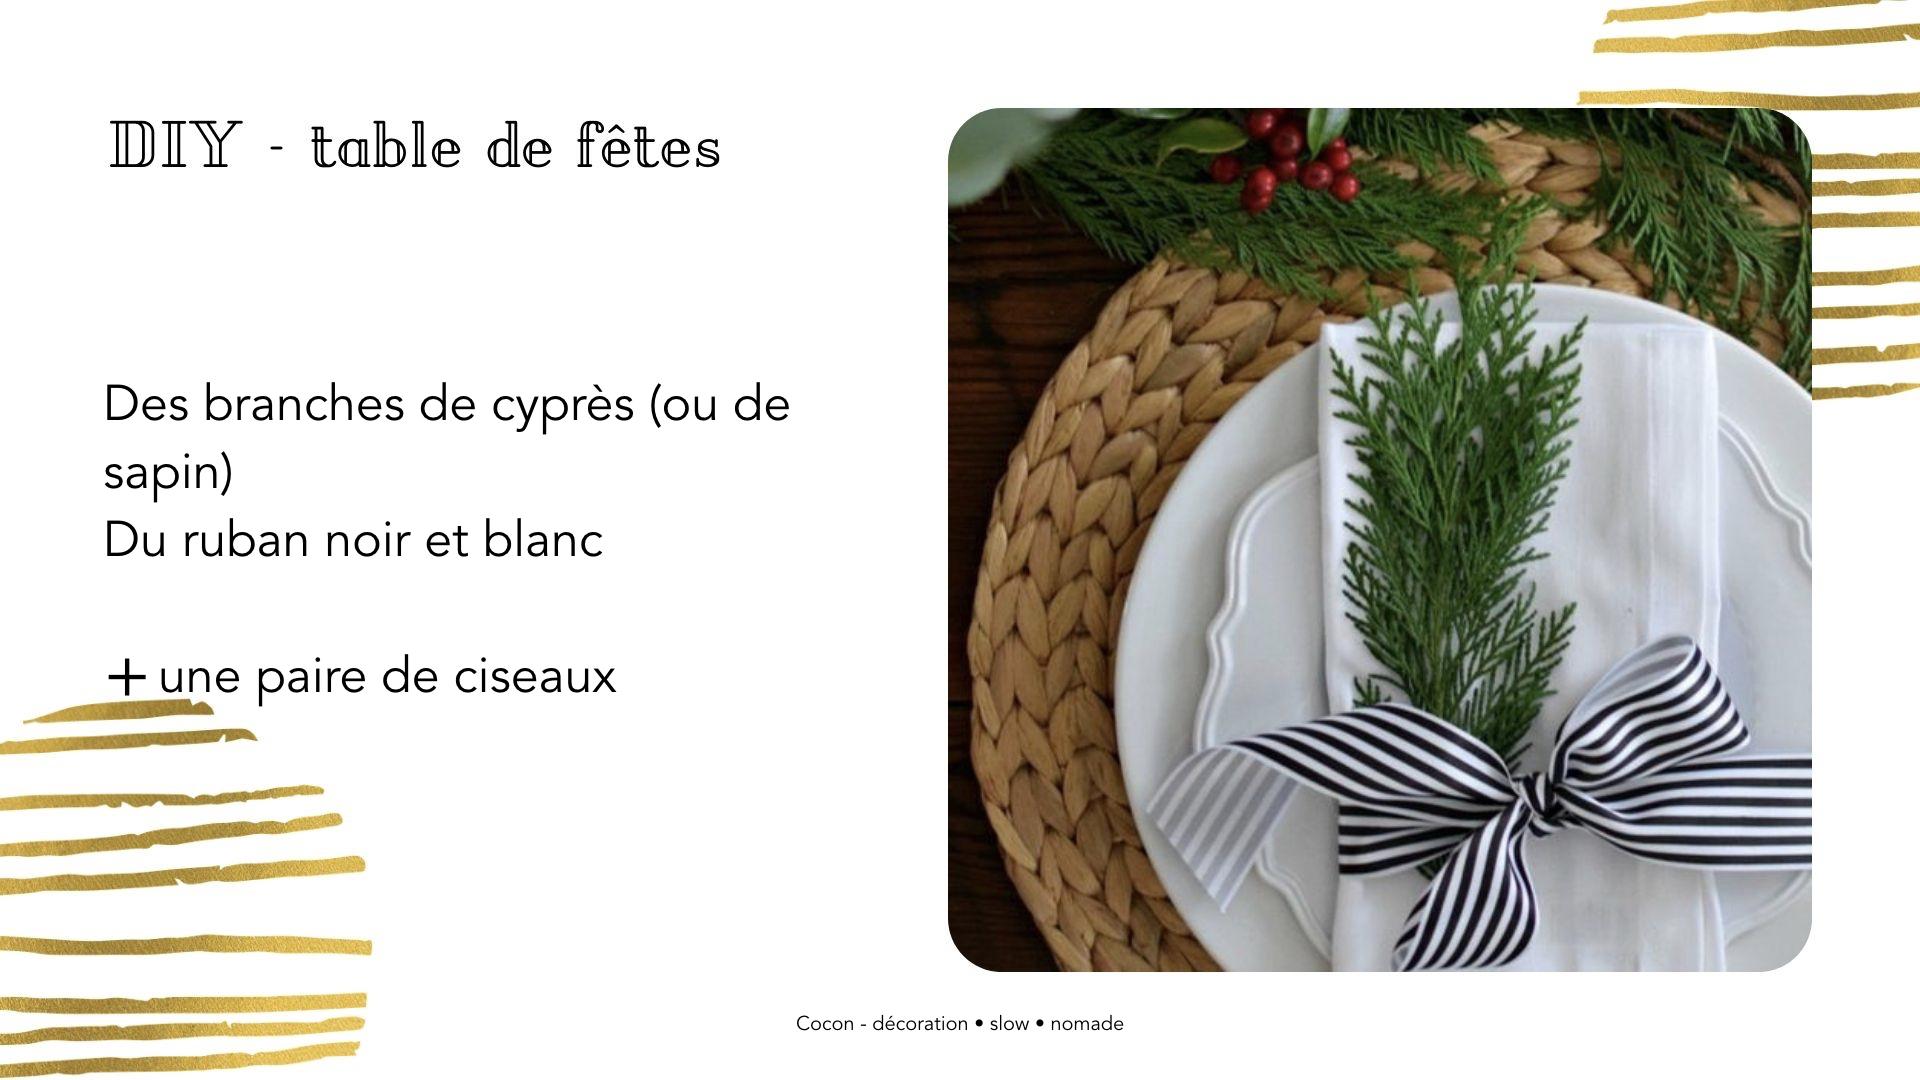 DIY table noel rond serviette branche cyprès et ruban tuto rapide